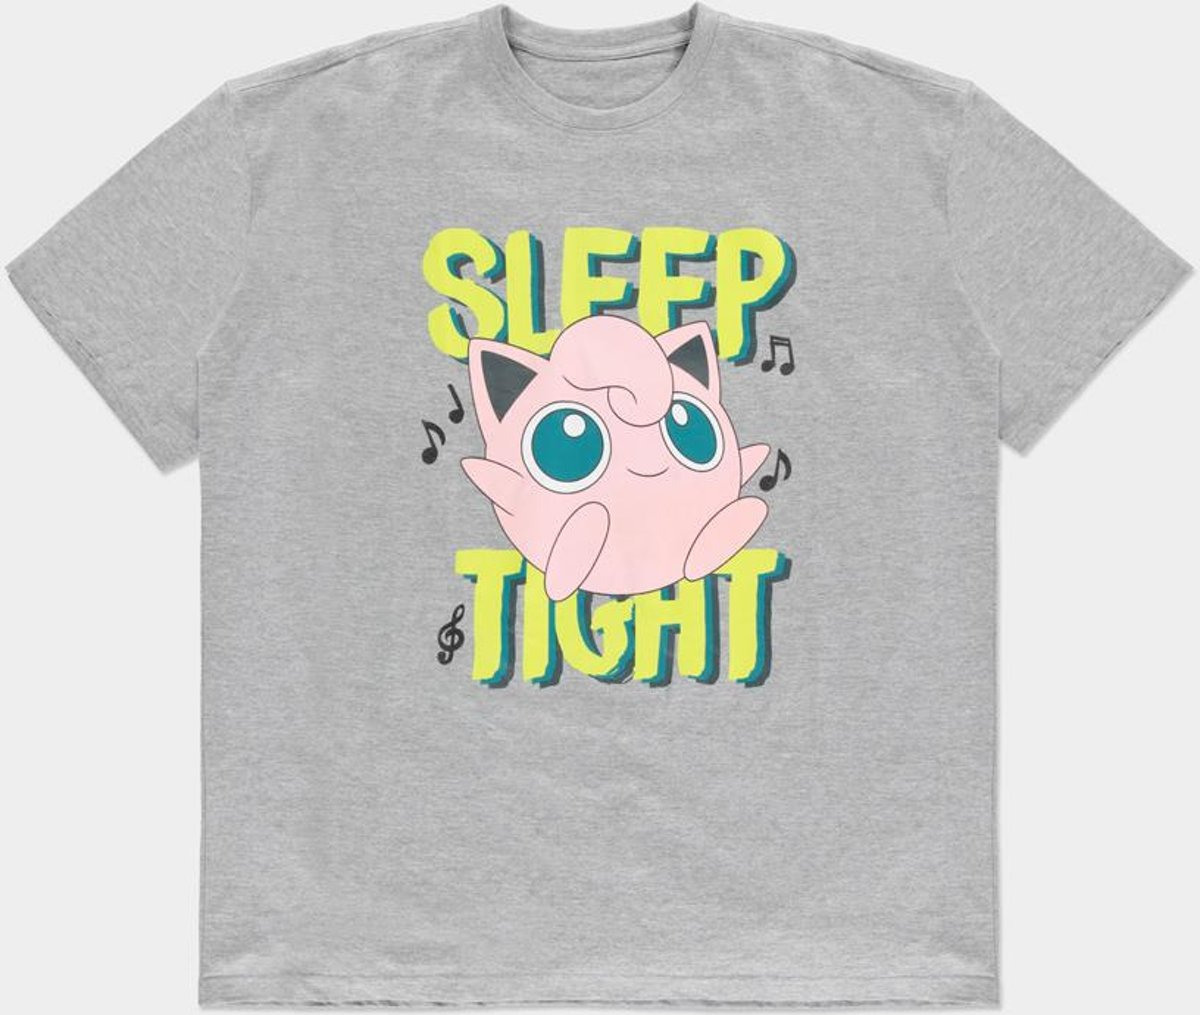 Pokémon - Jigglypuff Oversized Women's T-shirt - S kopen